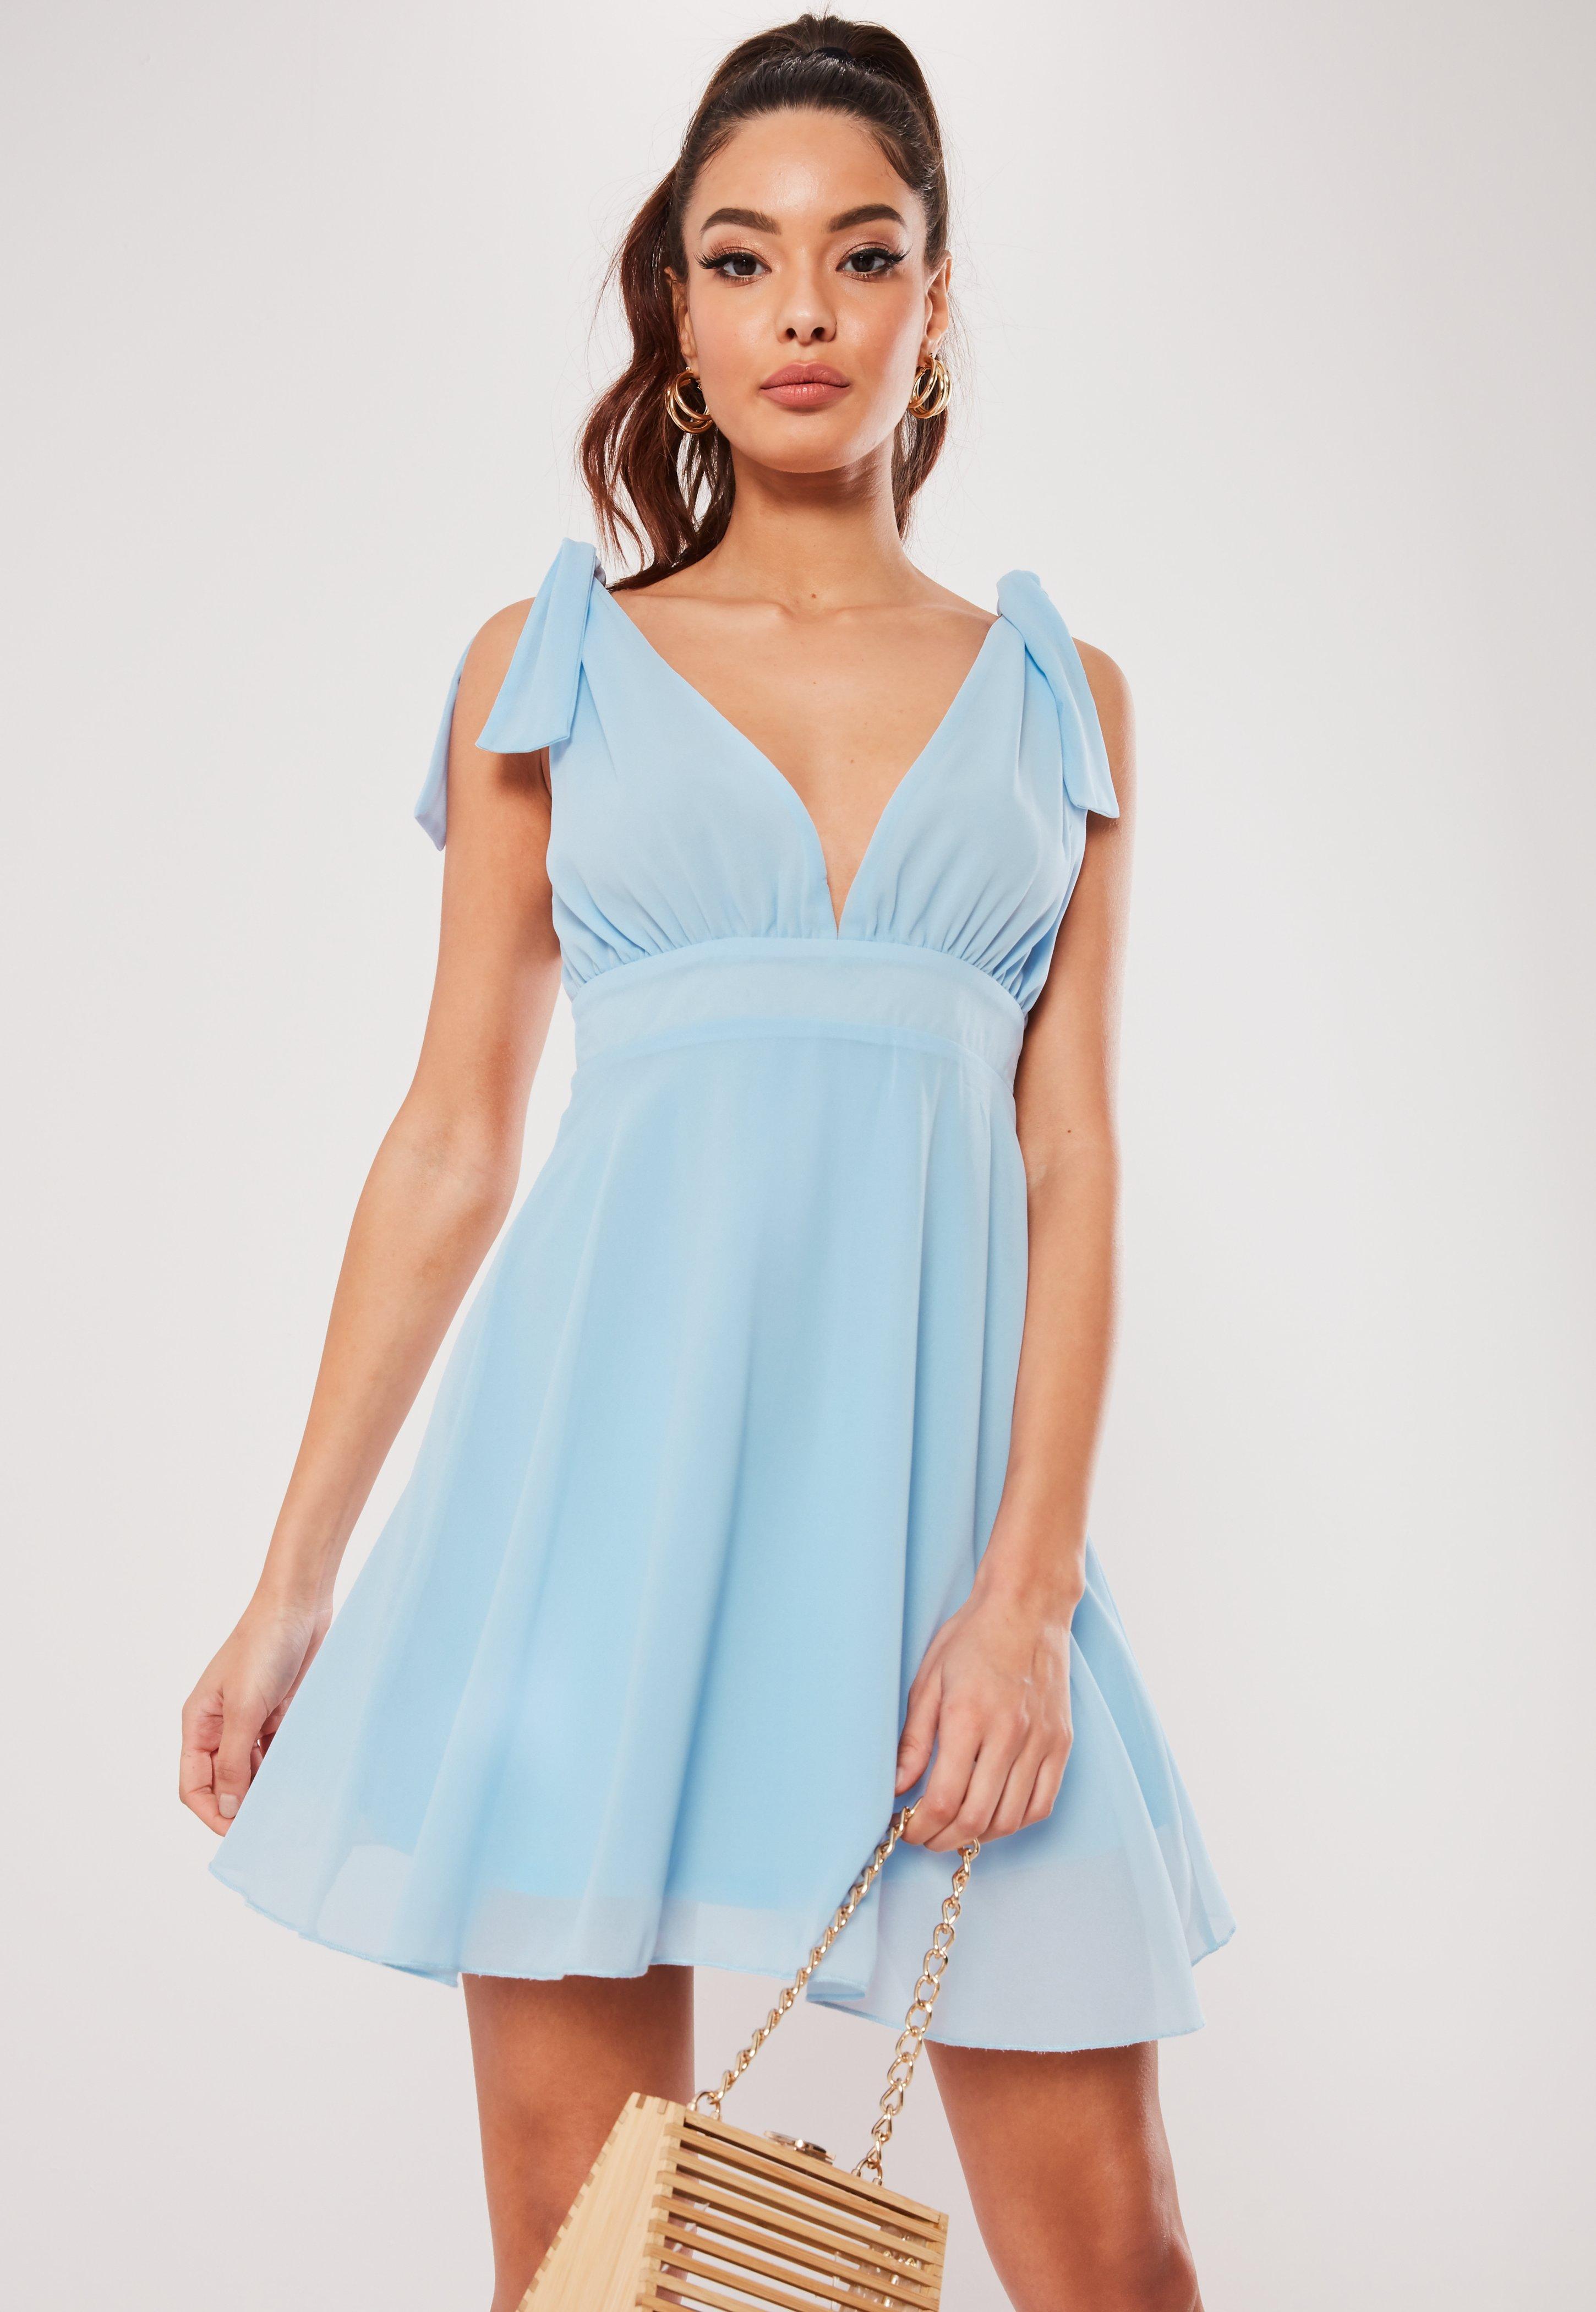 a29f893f789 Swing Dresses